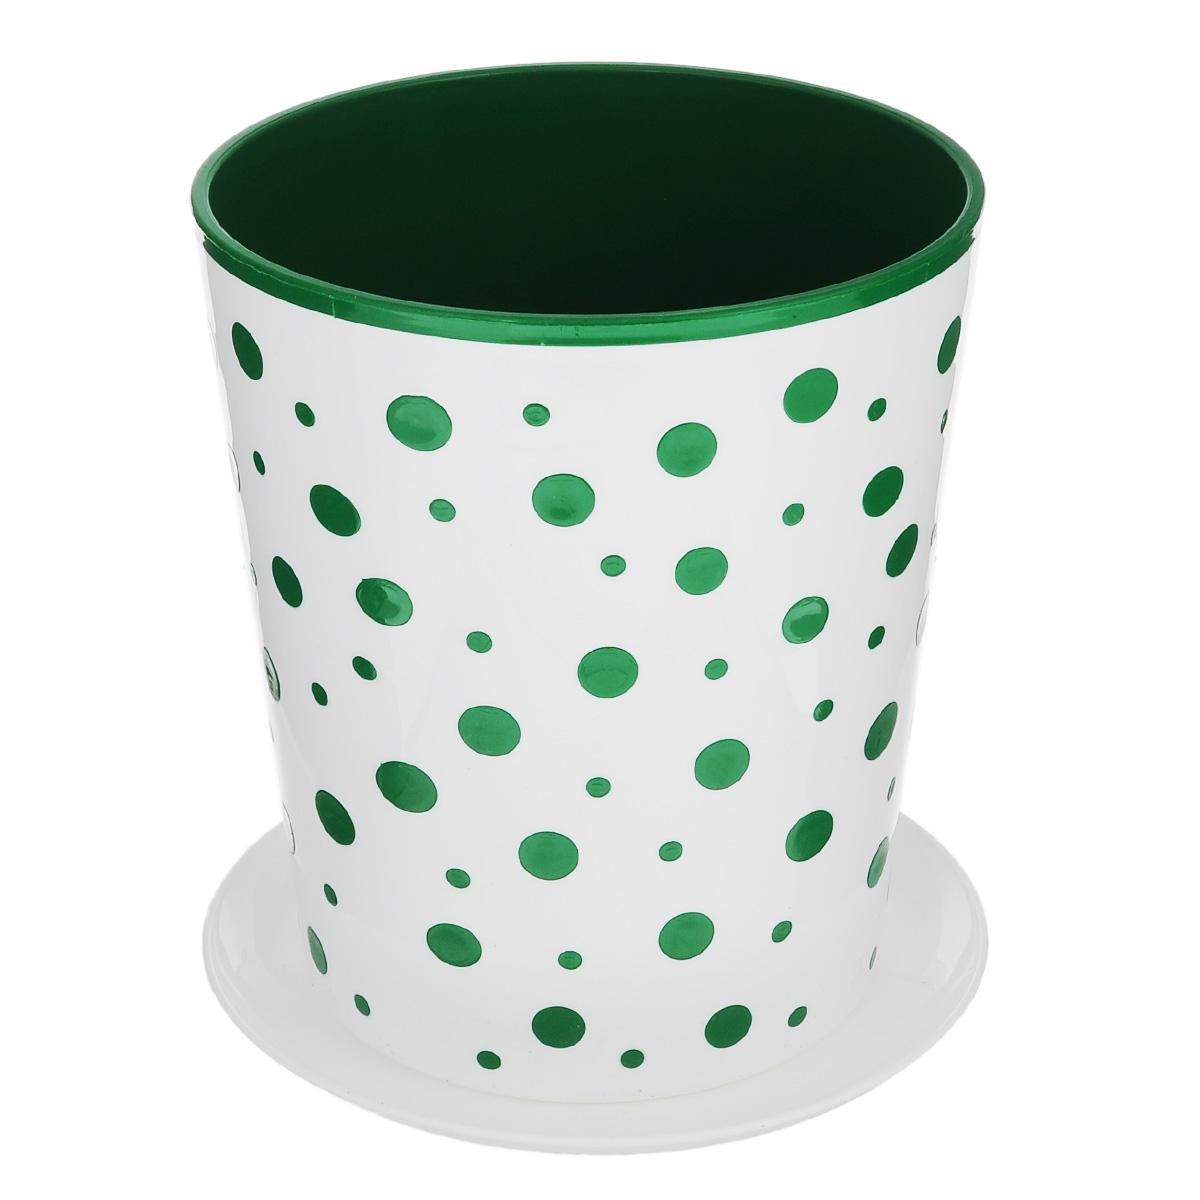 Горшок-кашпо Альтернатива Горошек, цвет: зеленый, белый, 2 лHA07037Горшок-кашпо для цветов Альтернатива Горошек выполнен из прочного пластика. Изделие предназначено для установки внутрь цветочных горшков с растениями.Такие изделия часто становятся последним штрихом, который совершенно изменяет интерьер помещения или ландшафтный дизайн сада. Благодаря такому горшку-кашпо вы сможете украсить вашу комнату, офис, сад и другие места.